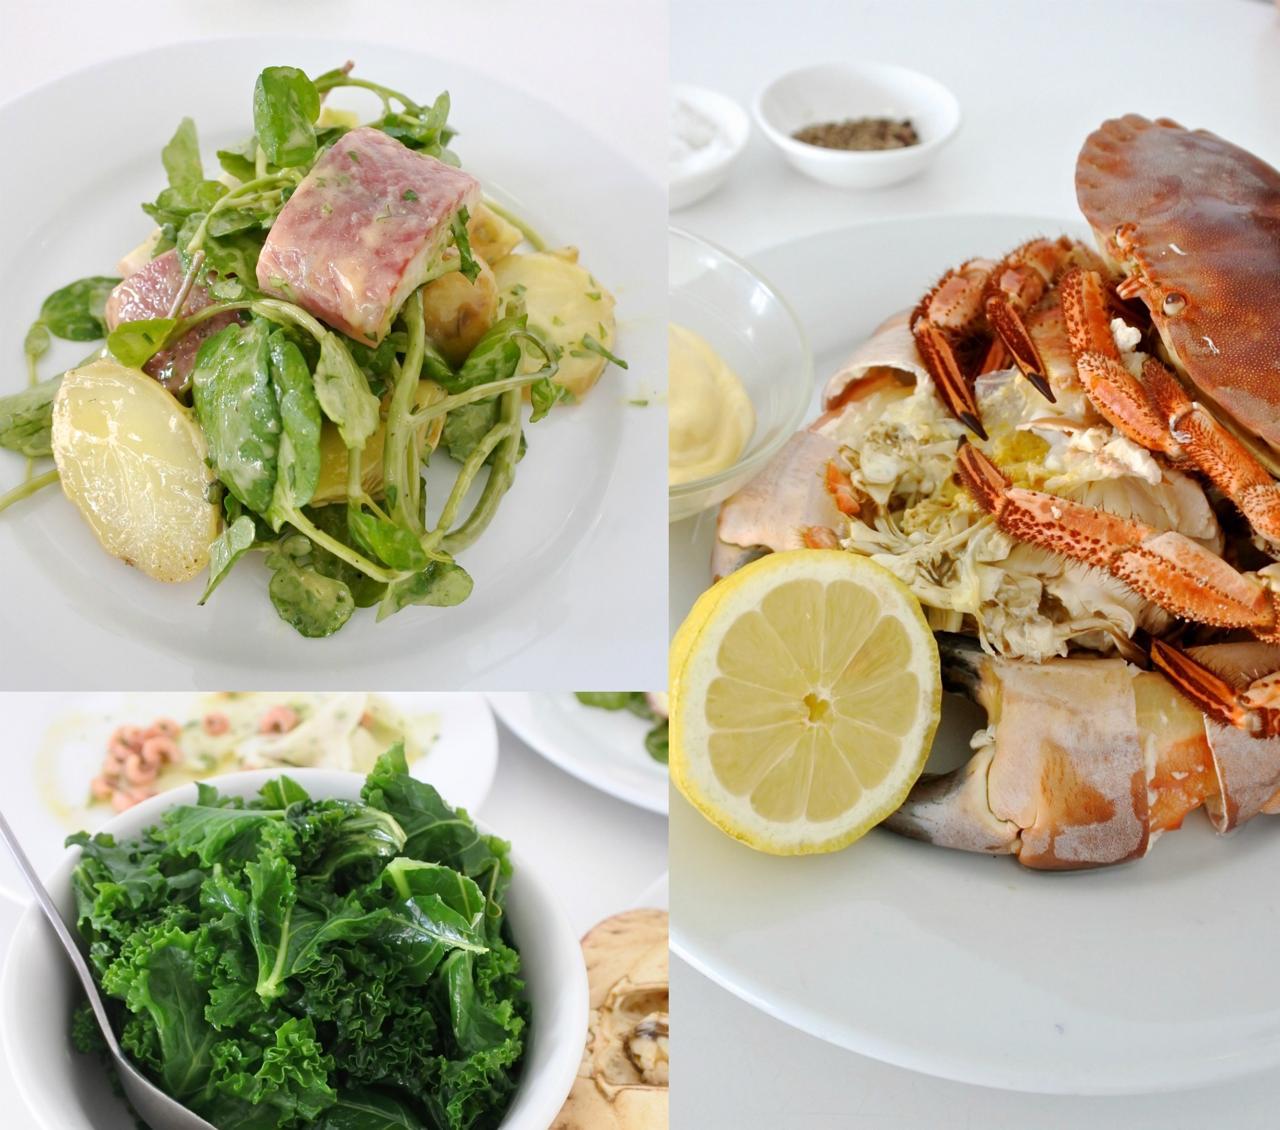 左上はスモークしたウナギのサラダ。日本のウナギとはひと味もふた味も違う、ウナギのコッテリ感を堪能できます